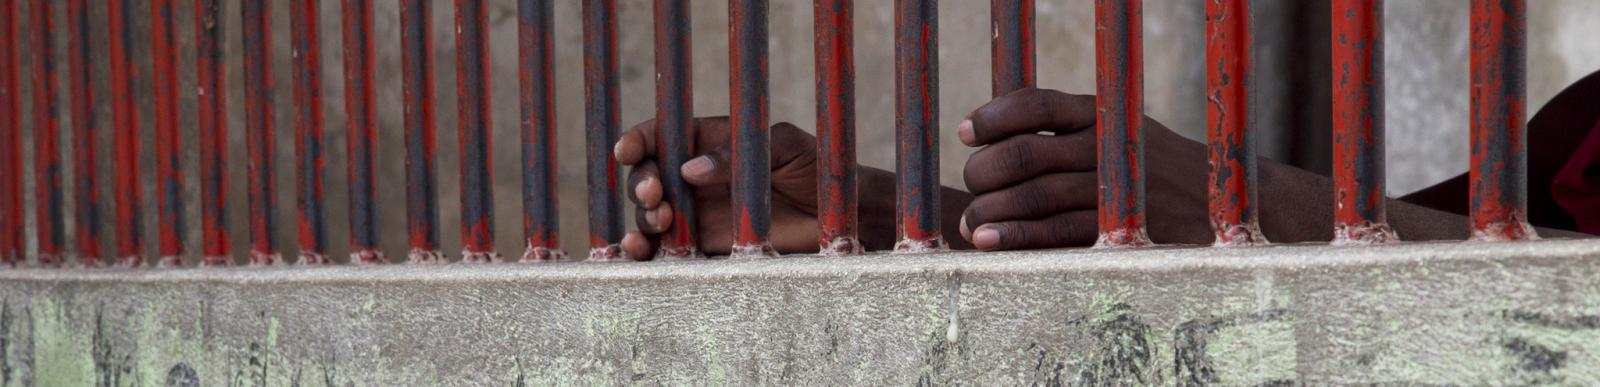 National Penitentiary of Haiti